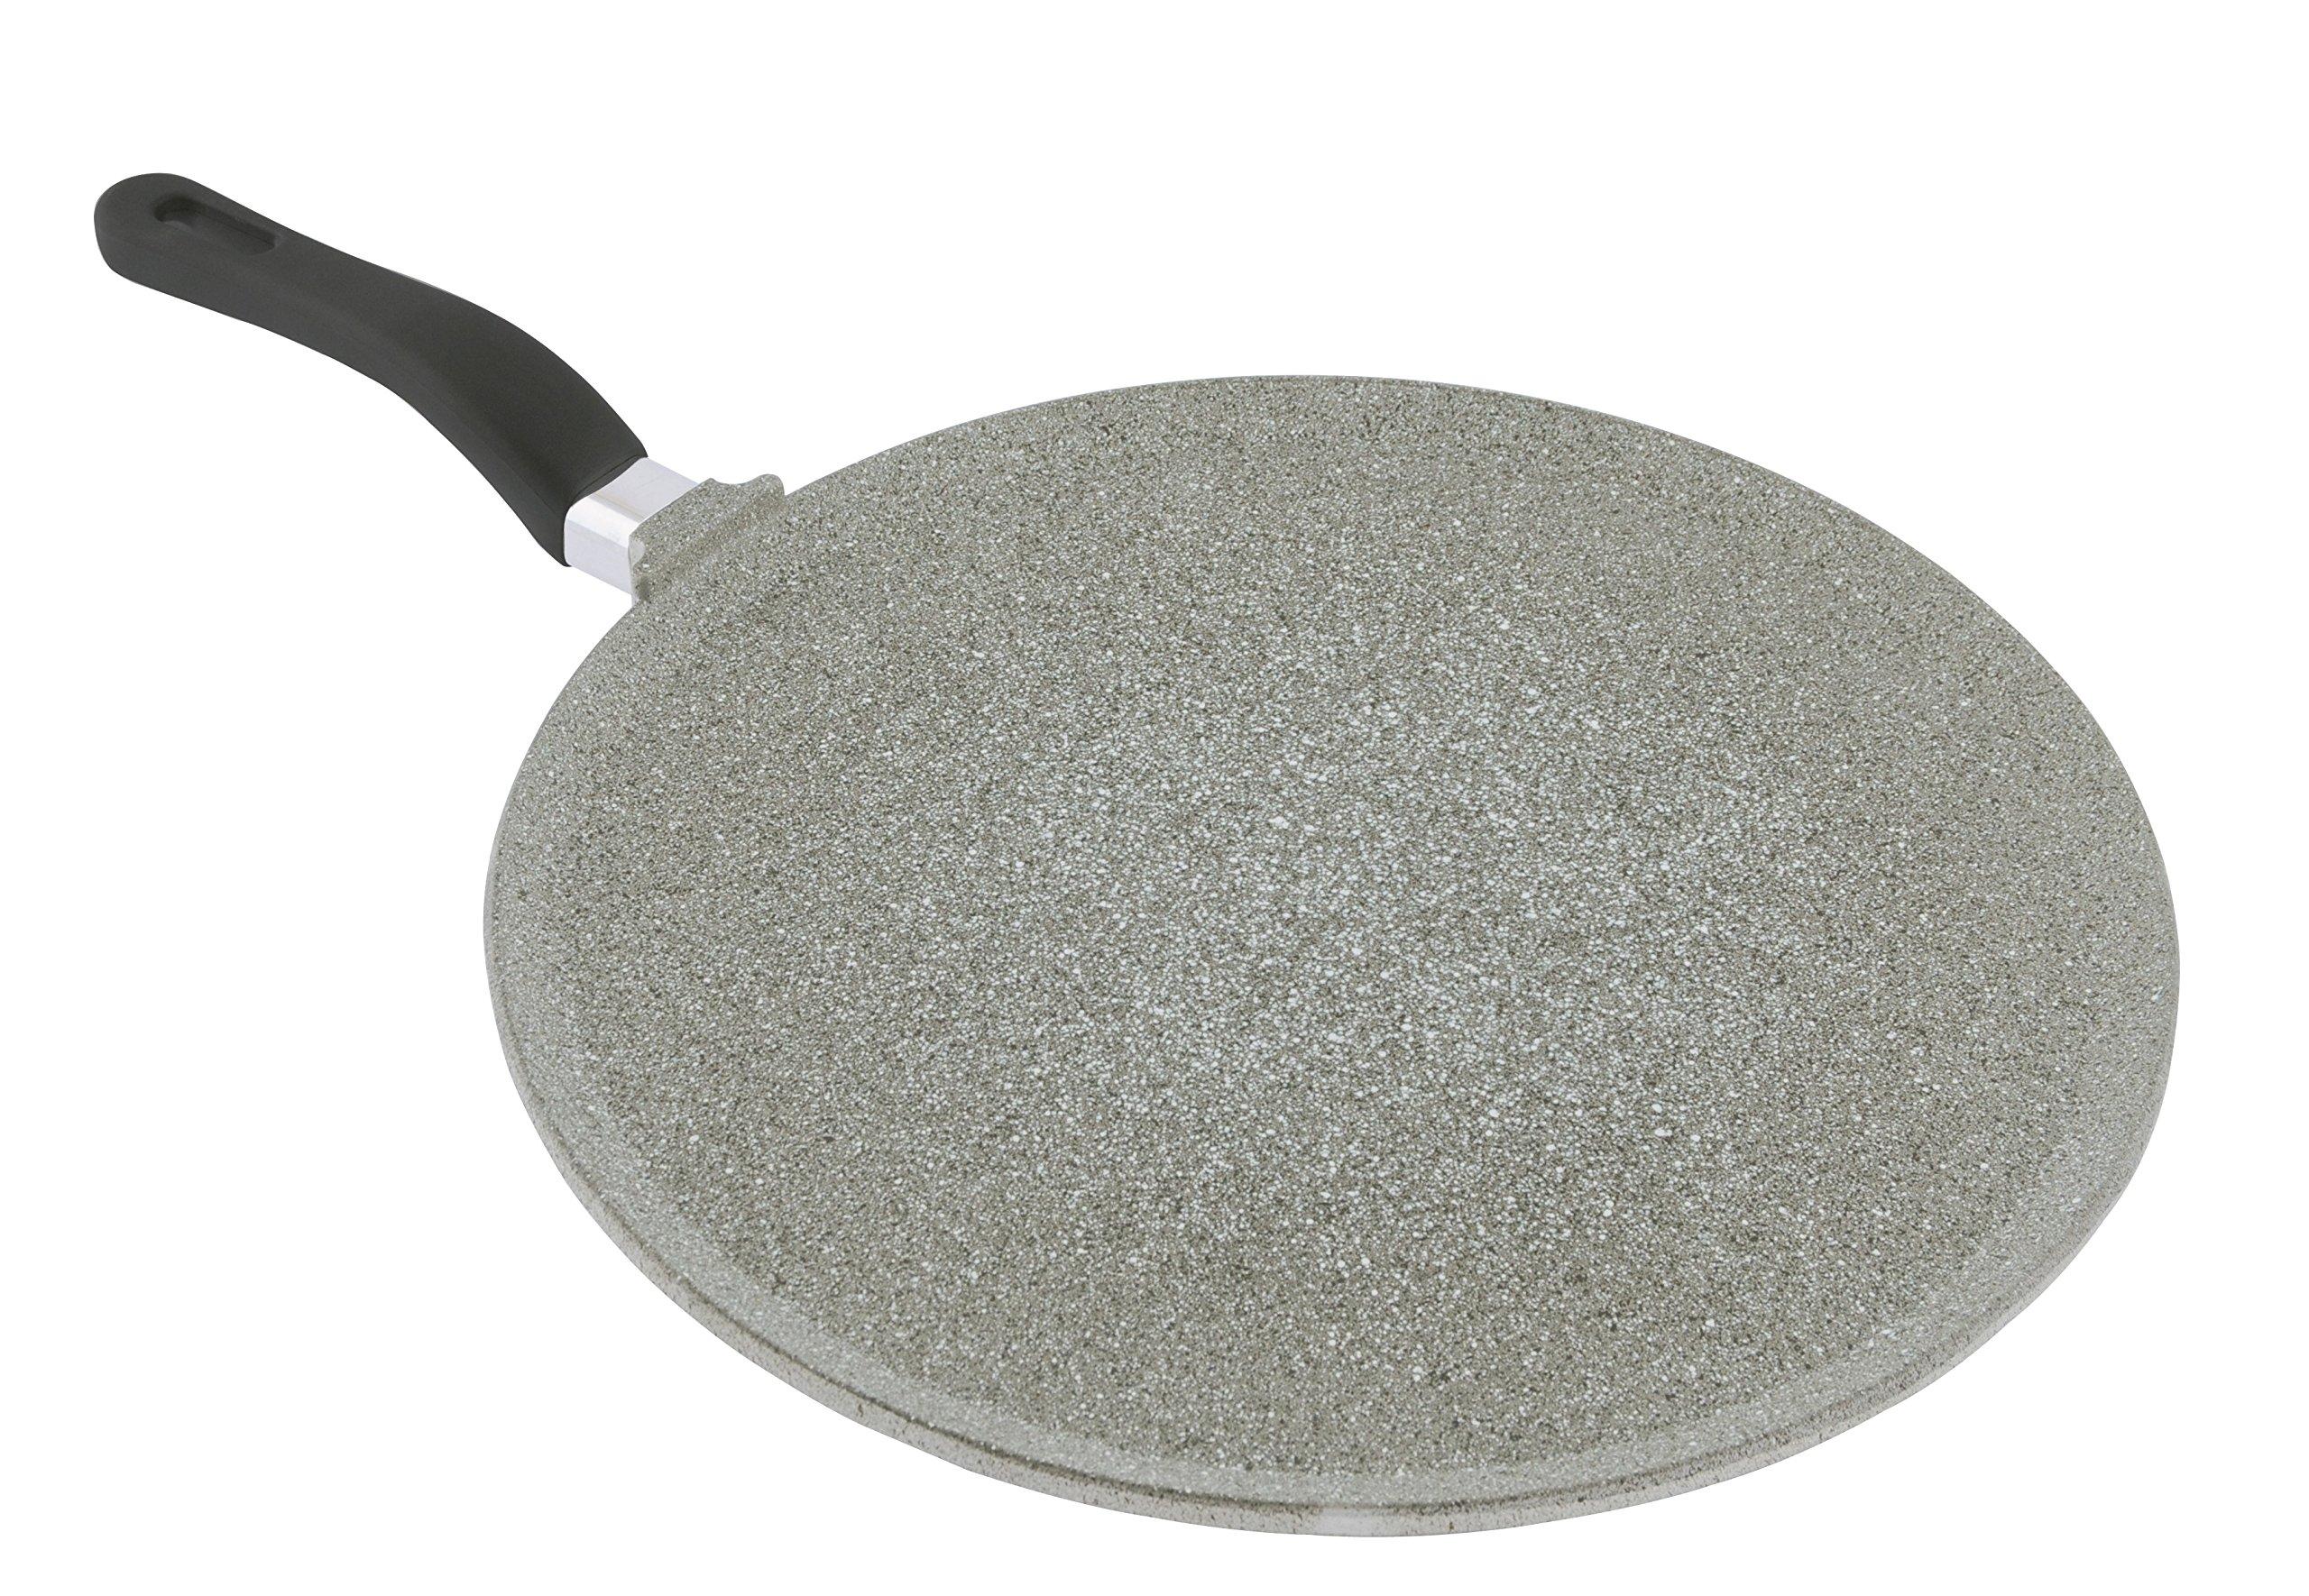 Mopita 24cm/9.45'' Non-Stick Cast Aluminum Crepe Pan, Medium, Grey